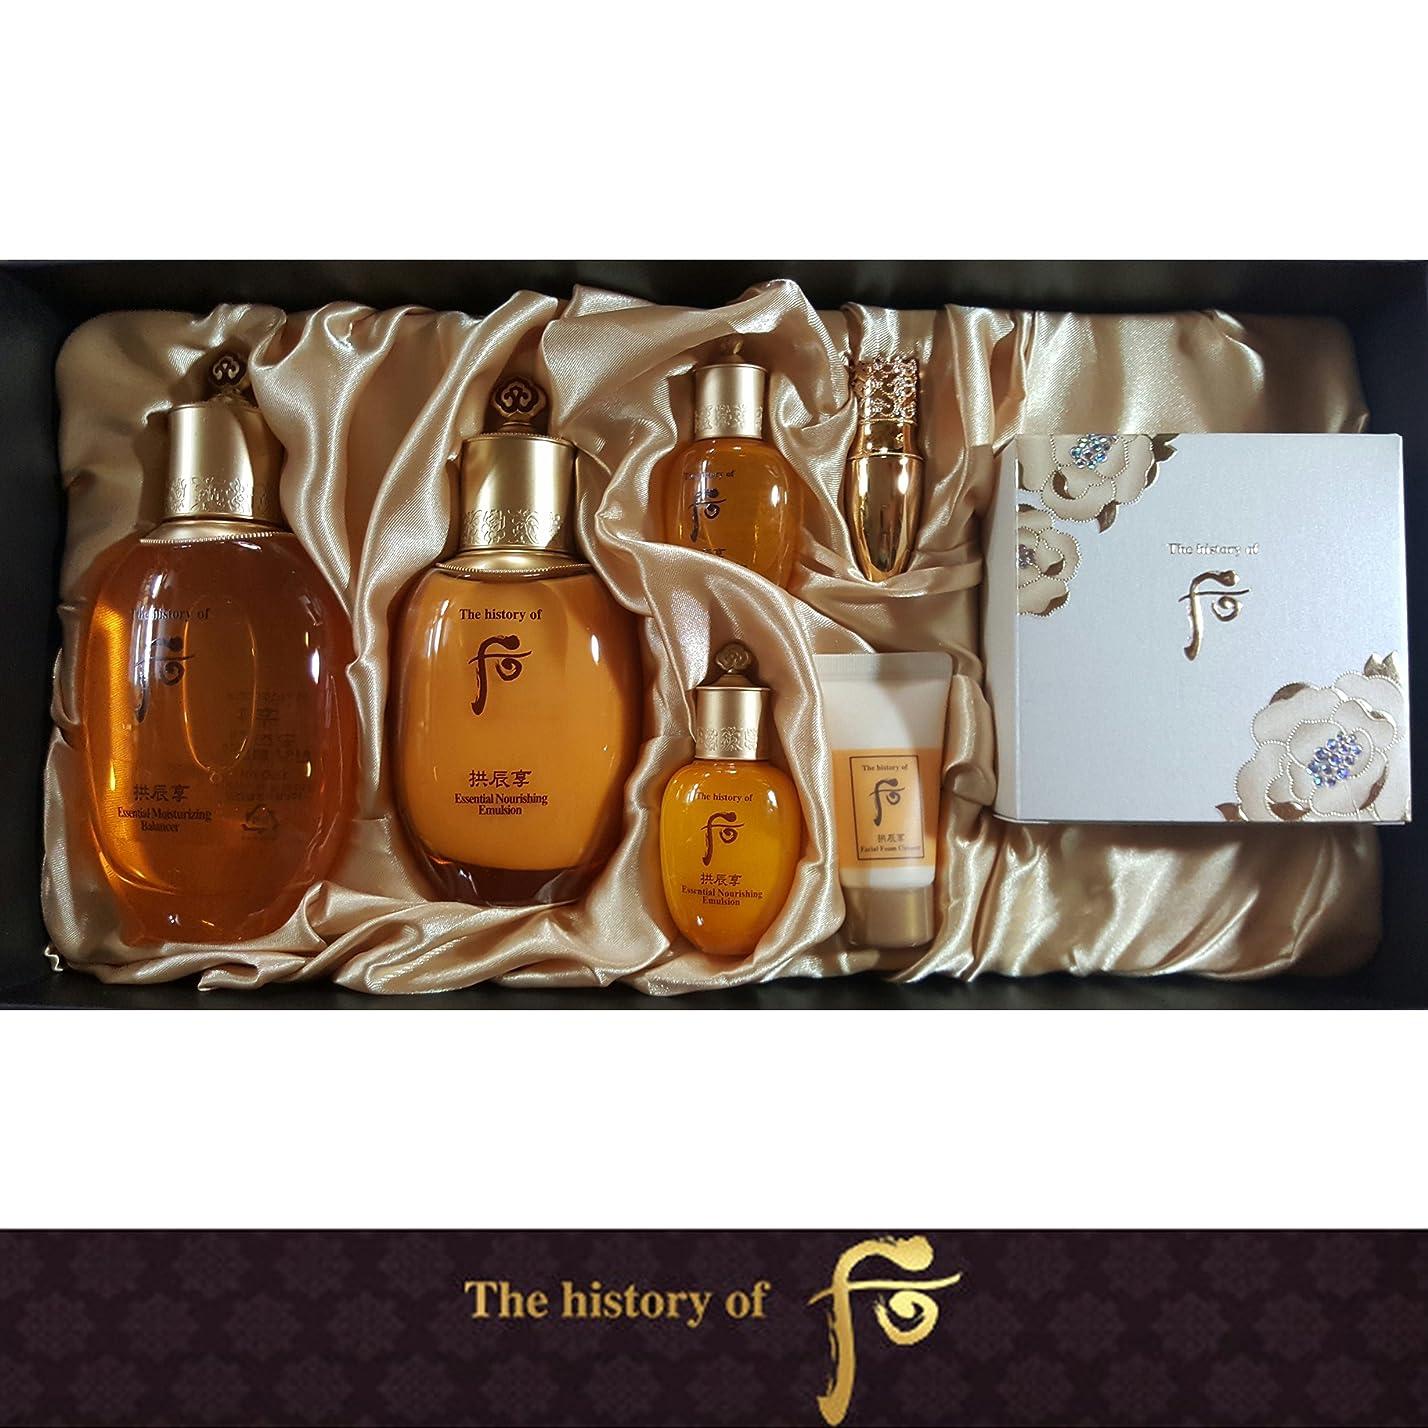 脚本書き込みあなたのもの[The History Of Whoo] Whoo 后(フー) Gongjinhyang Royal Court Inyang 3EA ゴンジンヒャン Special Set/宮廷セット 引き揚げ 3種 のスペシャル 3種セット[海外直送品]